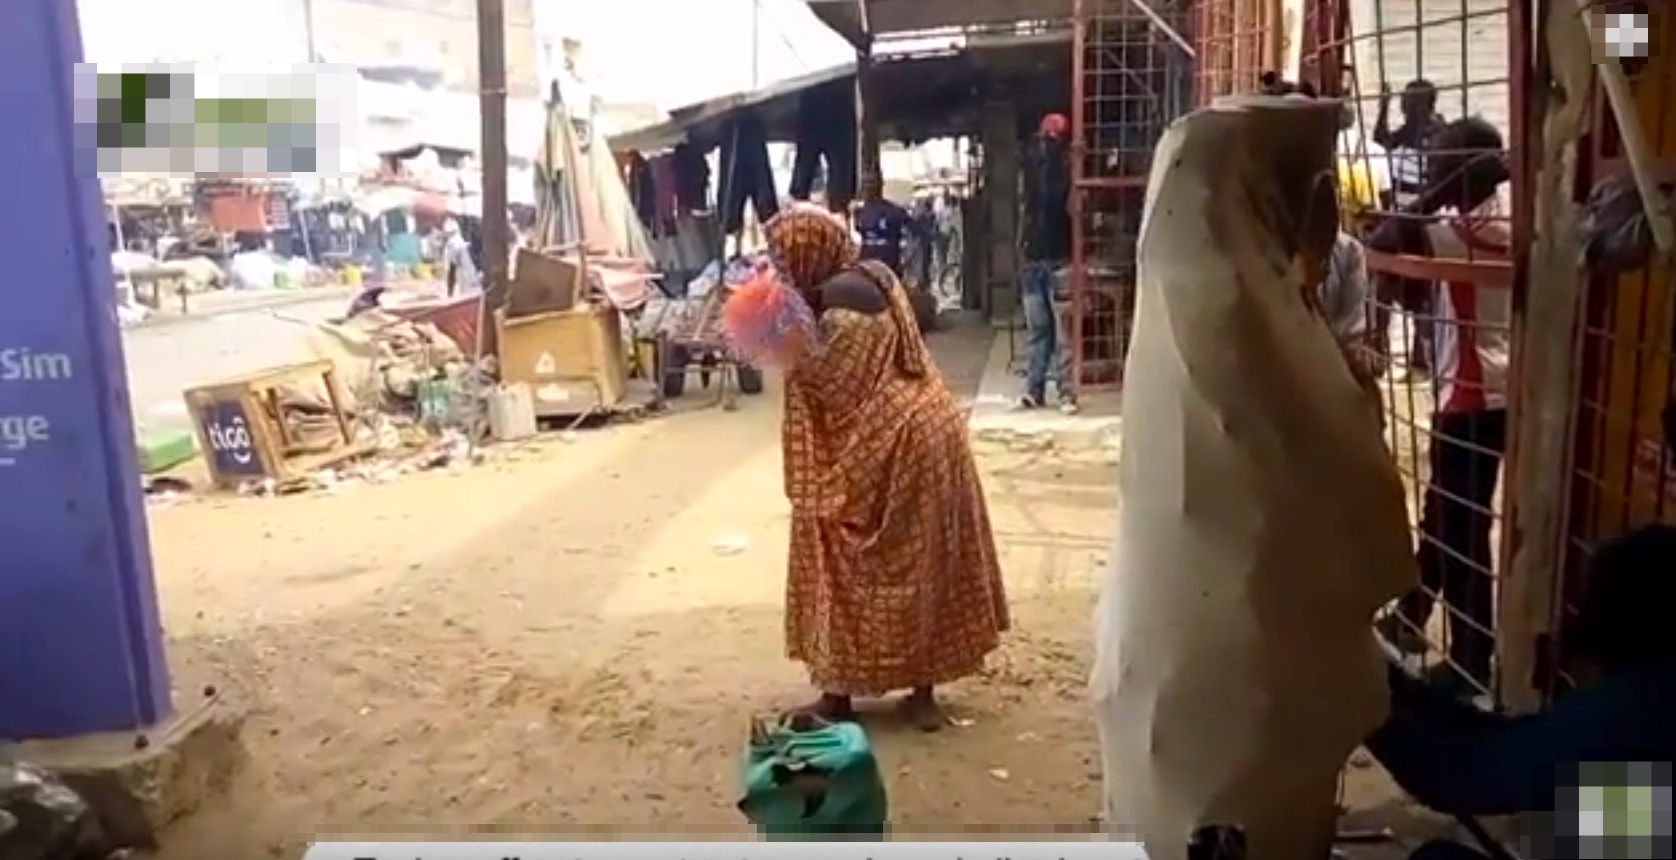 Urgent_Touba_-Affrontement_entre_services_de_l'ordre_et_commerçant_au_marché_Ocass_-_YouTube